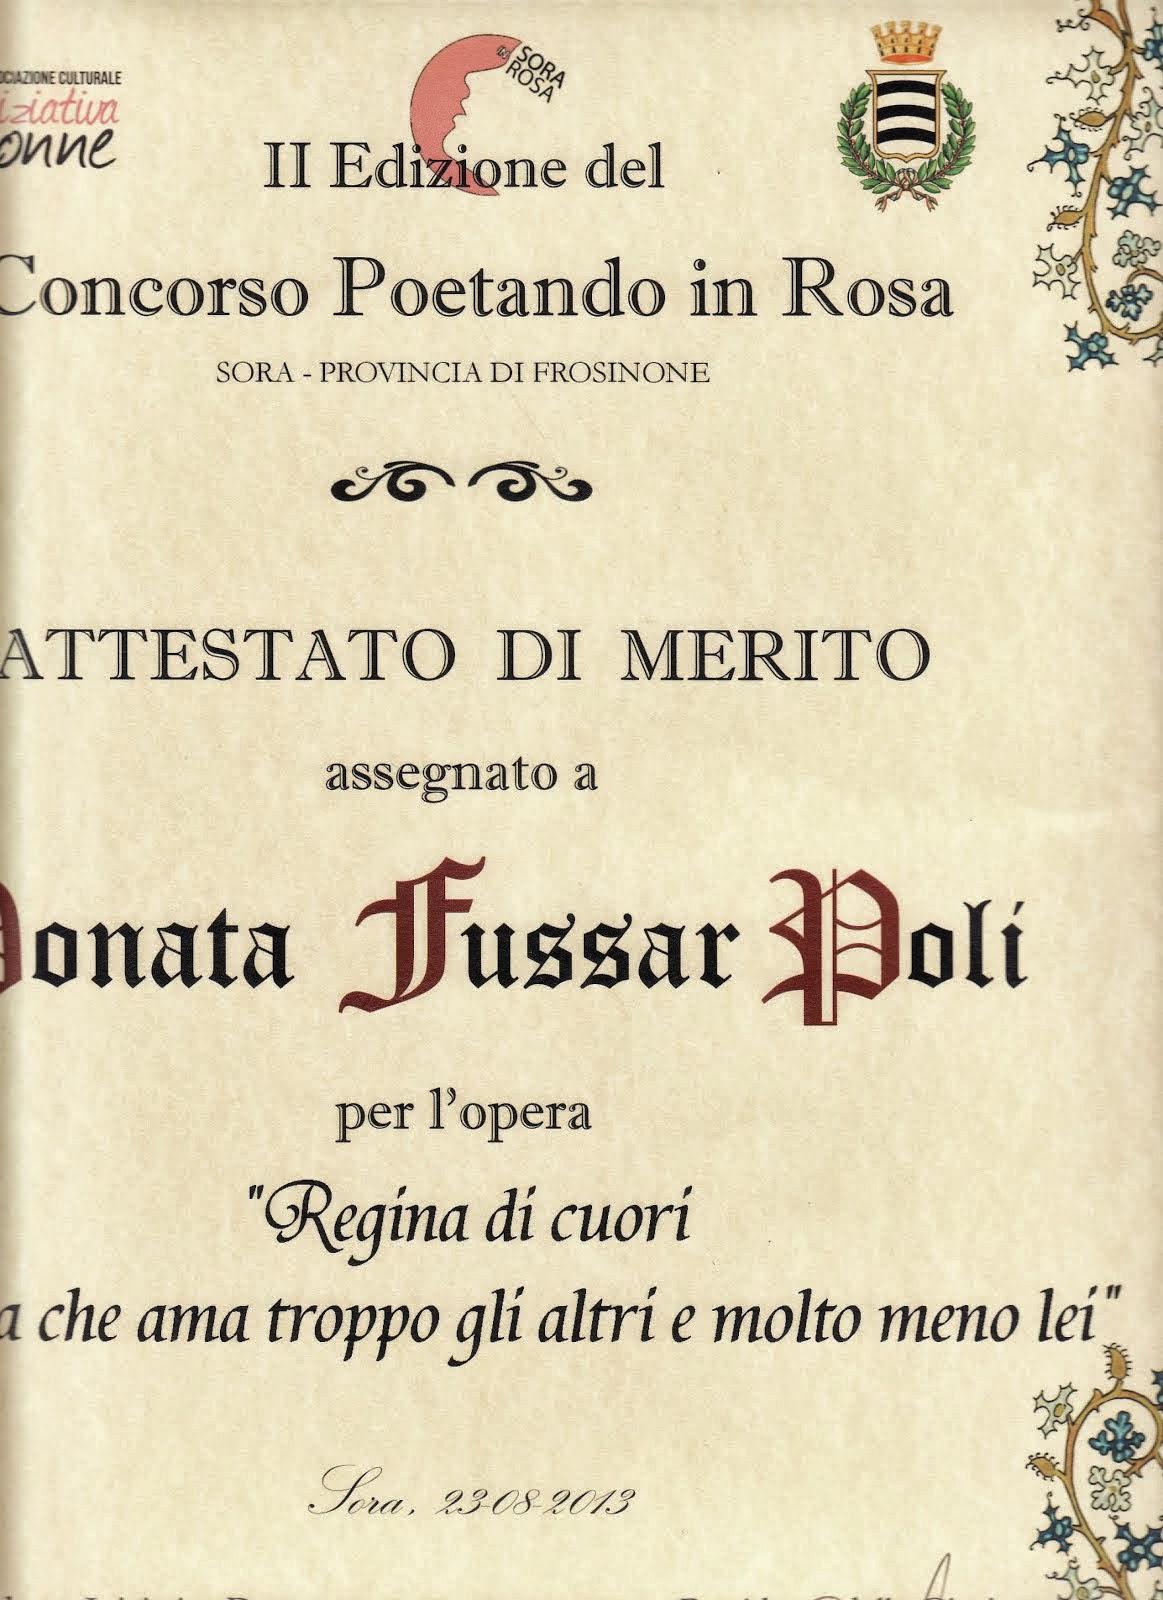 II Edizione del Concorso POETANDO IN ROSA -Sora -Frosinone